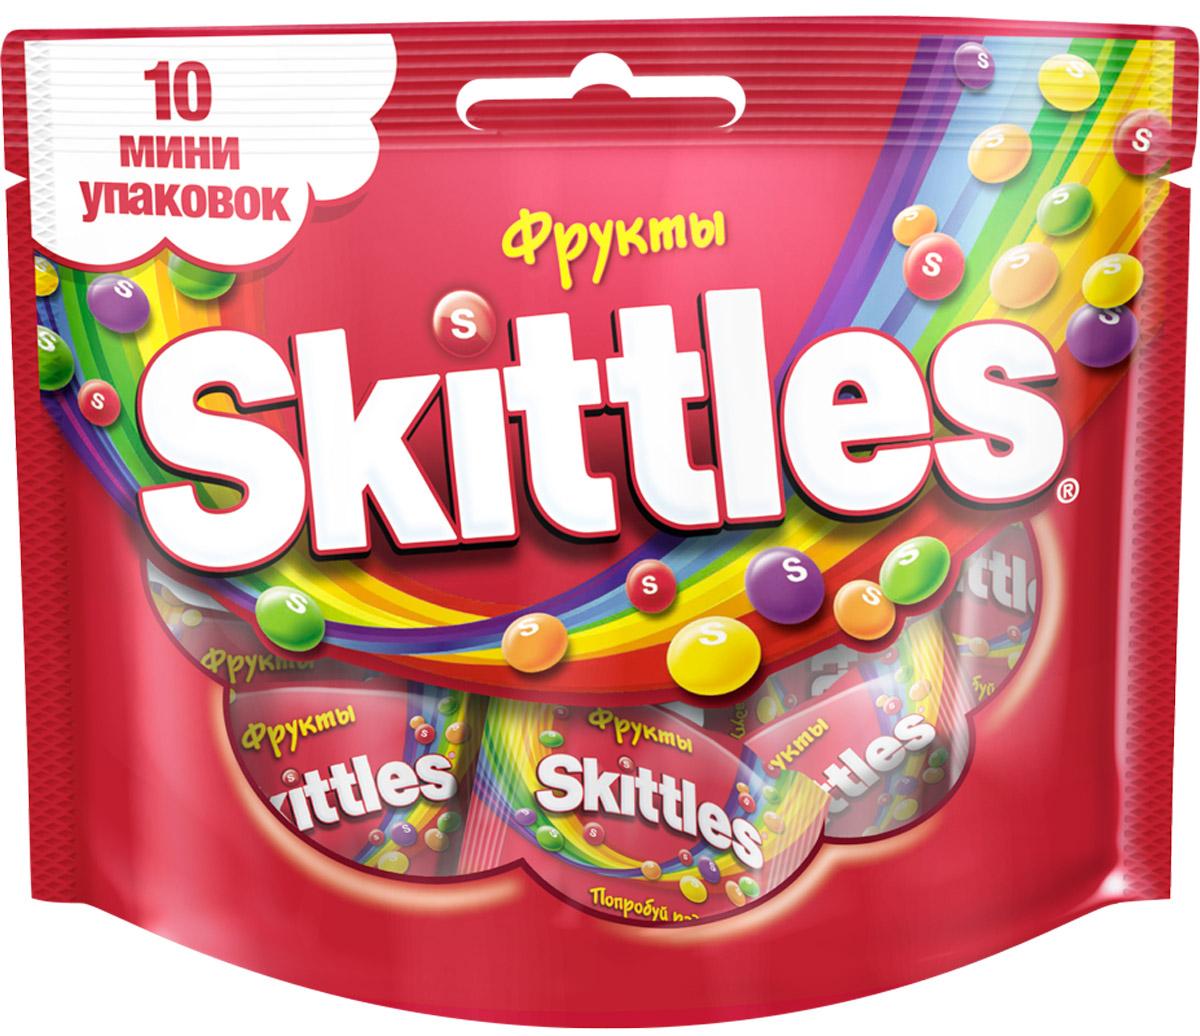 Skittles Фрукты драже в сахарной глазури, 10 пачек по 12 г4009900498135Жевательные конфеты Skittles c разноцветной глазурью предлагают радугу фруктовых вкусов в каждой упаковке! Конфеты с ароматами лимона, лайма, апельсина, клубники и черной смородины: заразитесь радугой, попробуйте радугу!